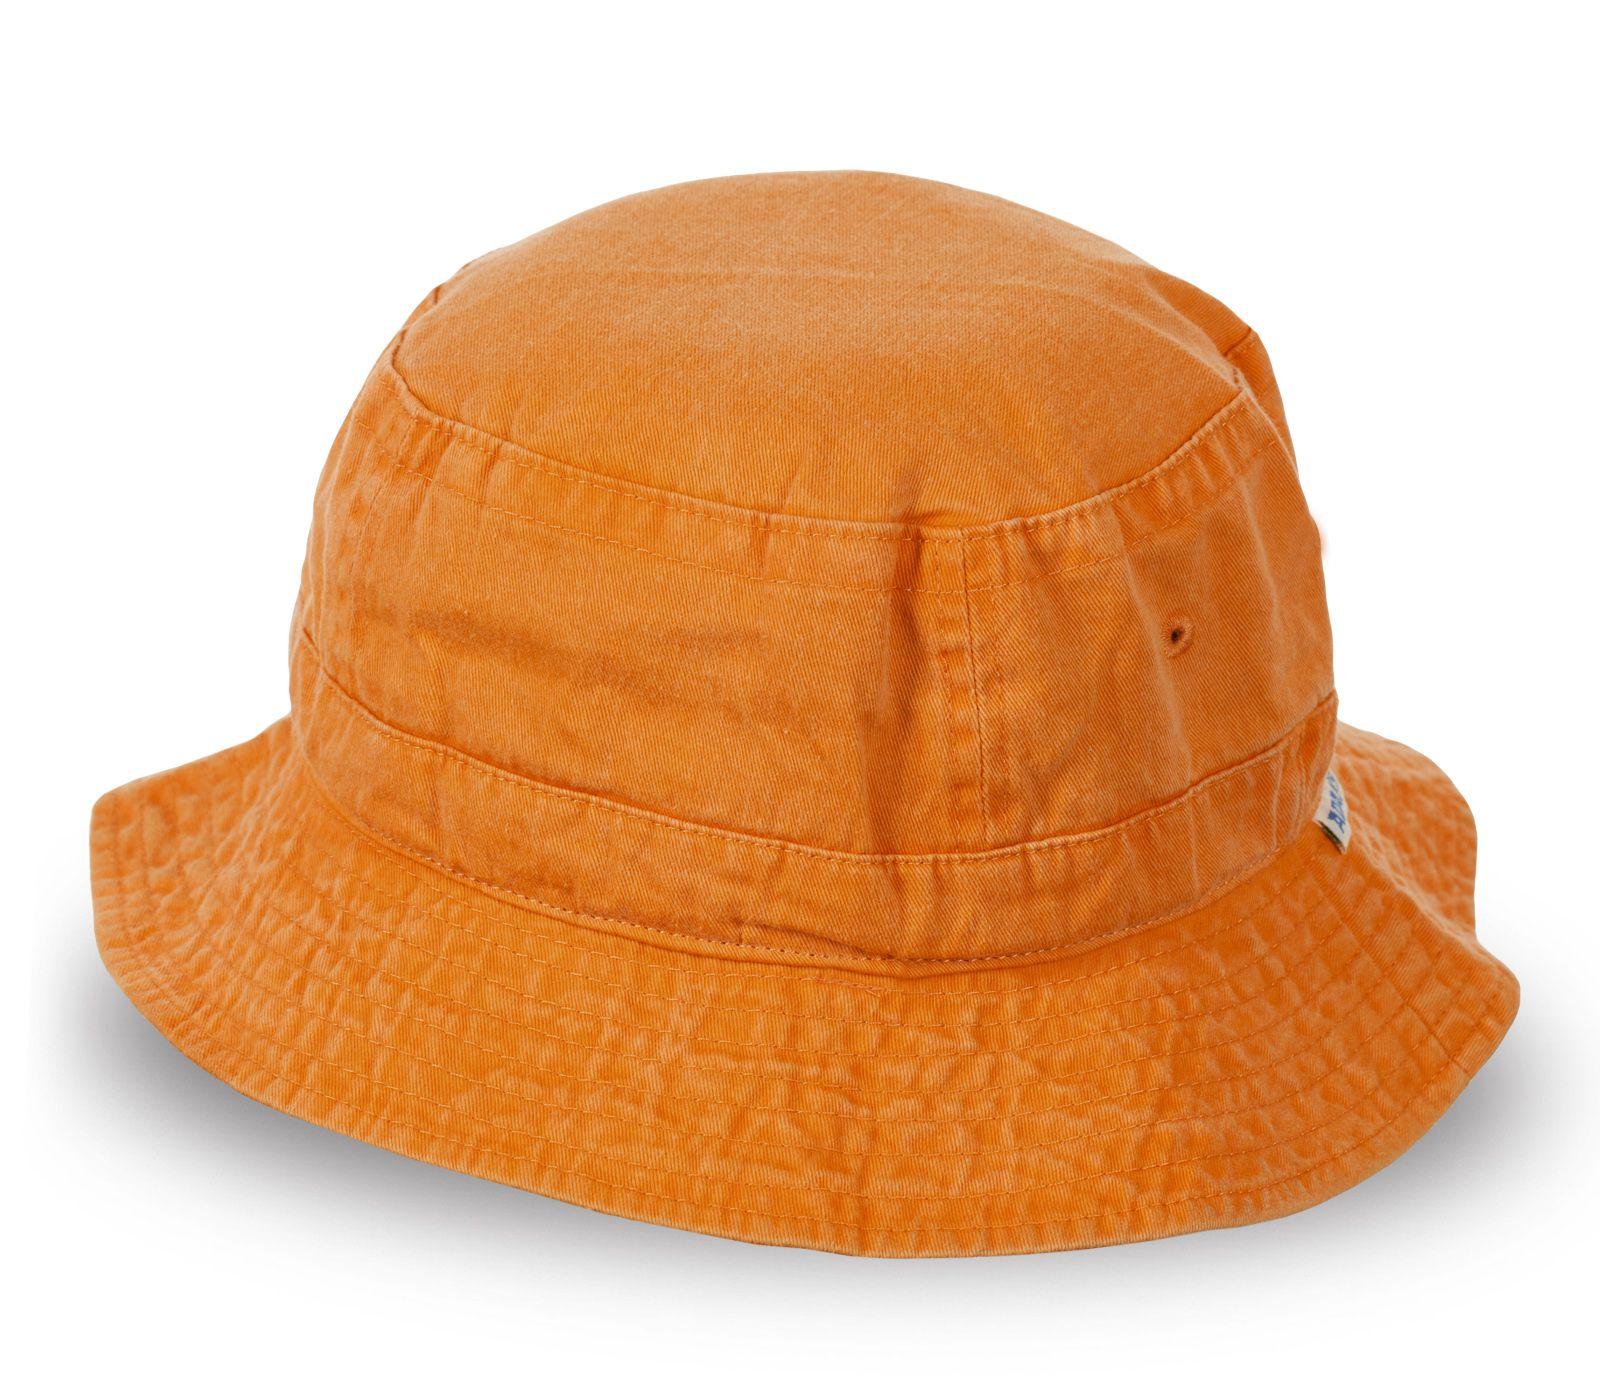 Пляжная панама оранжевая от Adams - купить оптом